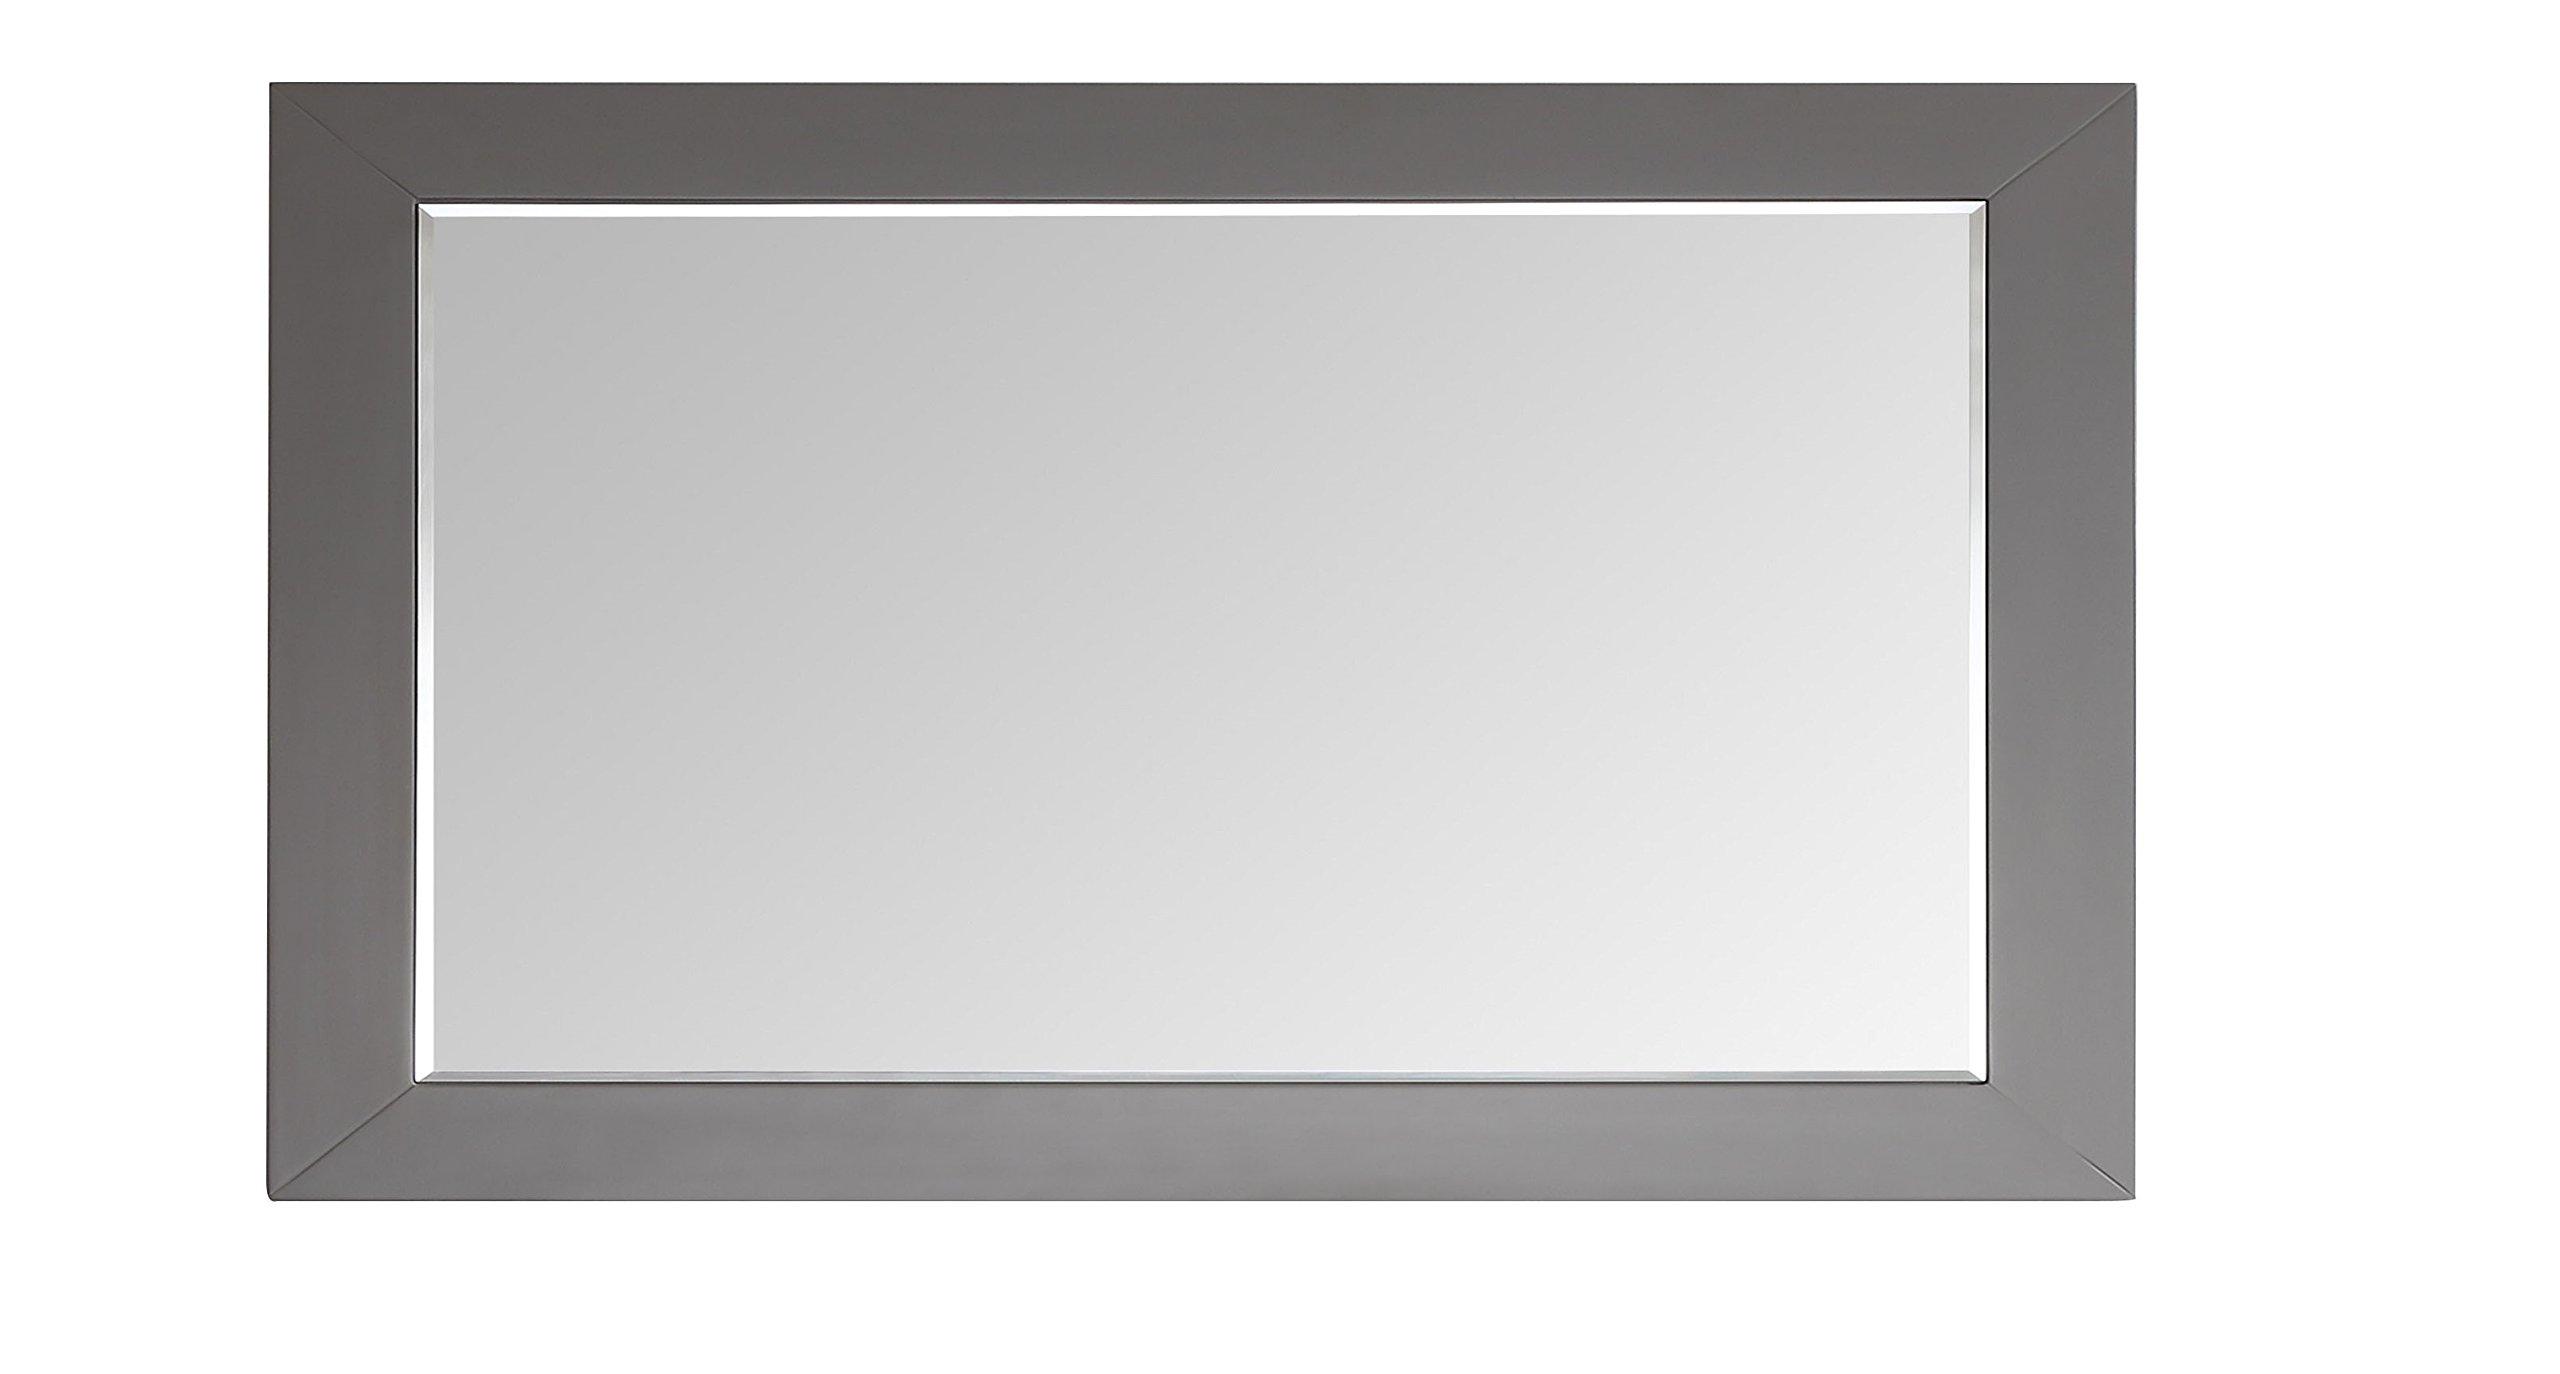 Eviva EVMR412-60 x 30-GR Aberdeen 60'' Framed Bathroom Mirror Combination, Grey by Eviva